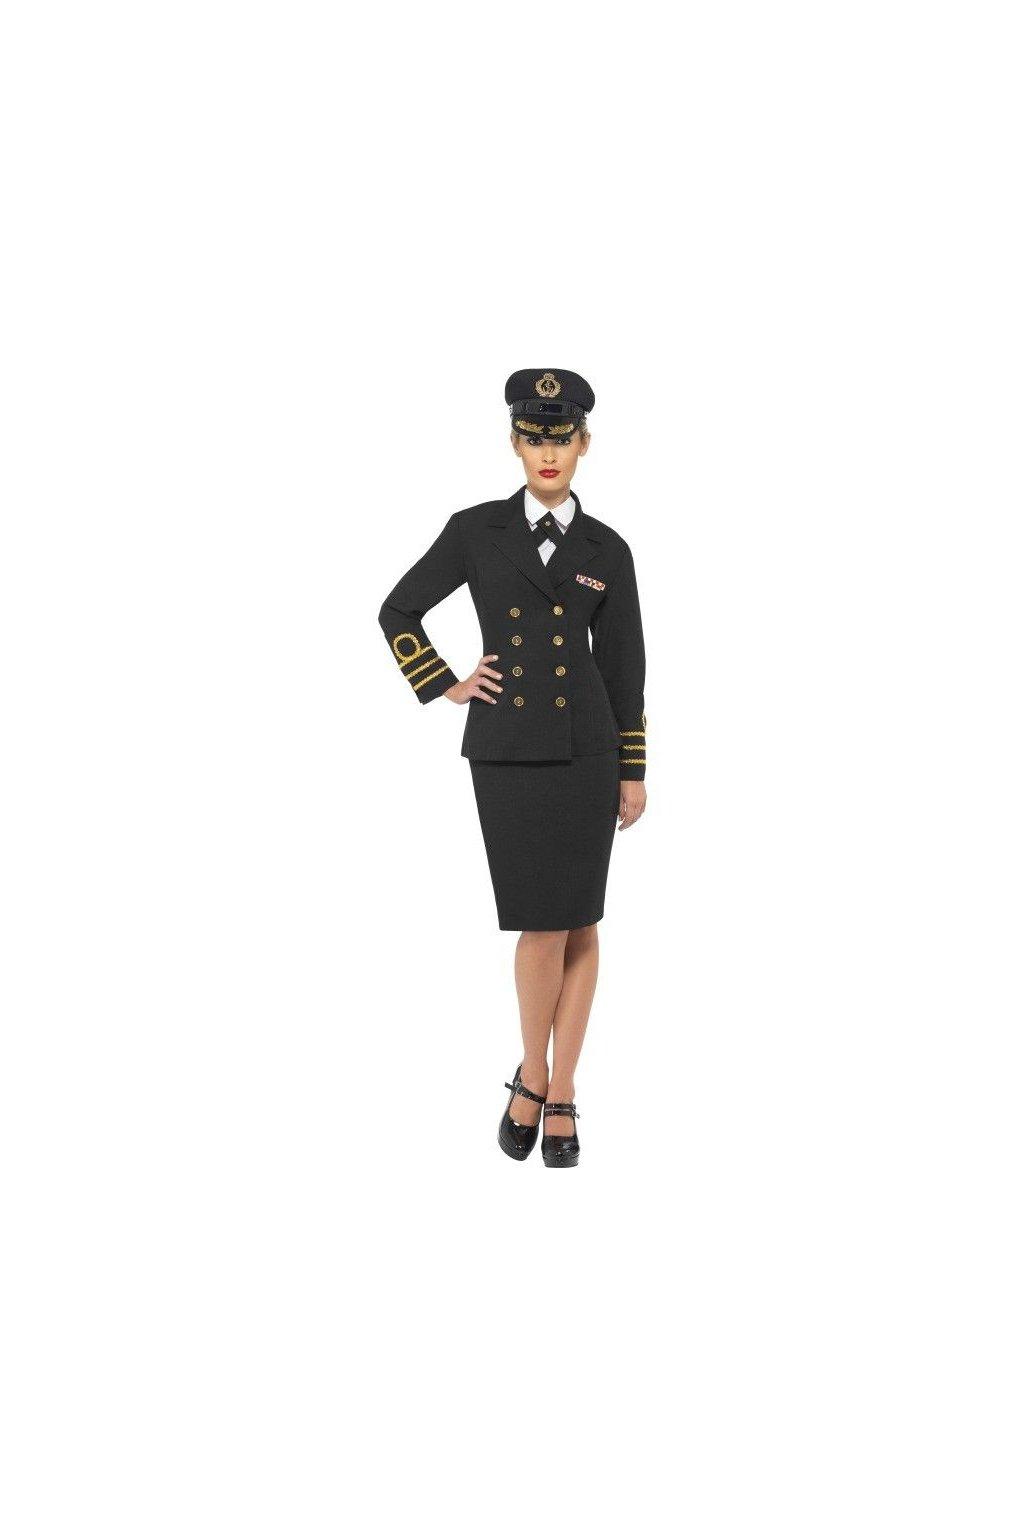 Kostým námořní důstojnice - Navy officer